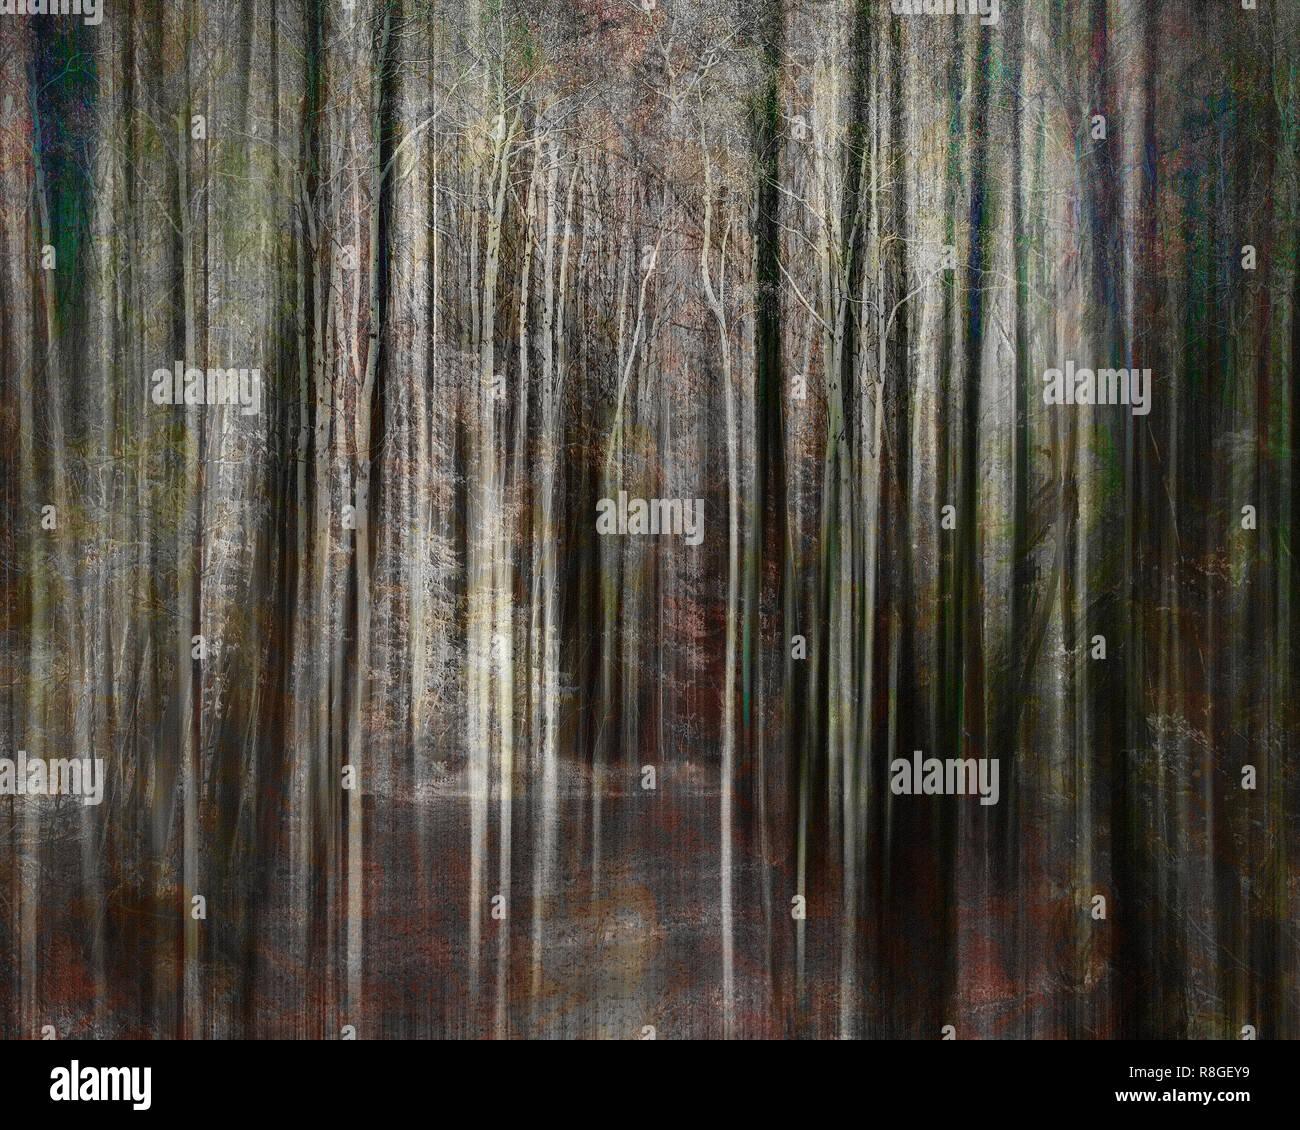 Arte Digital: la oscuridad de un bosque Imagen De Stock